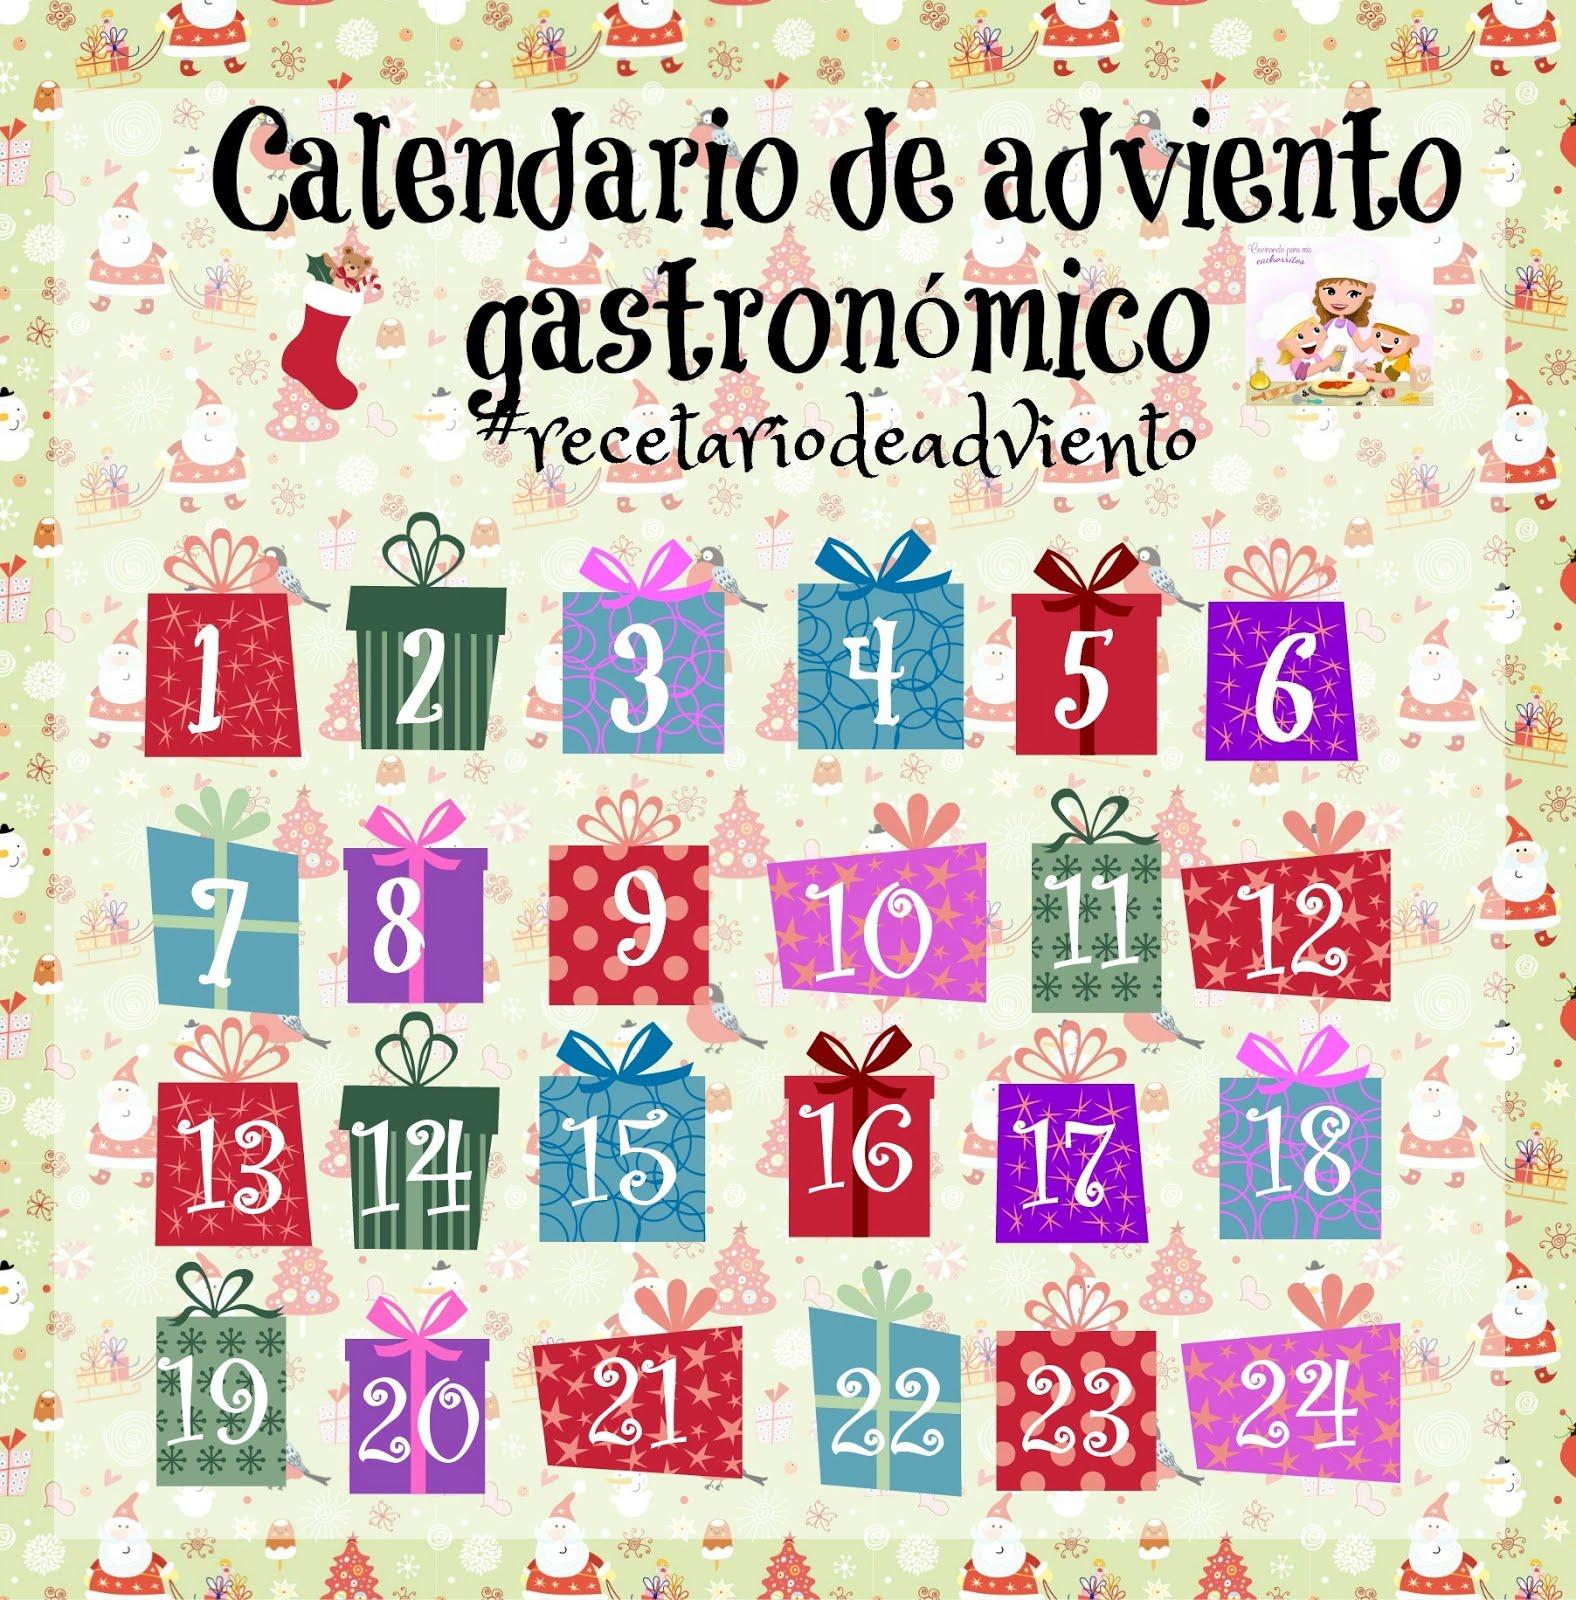 Participo en este estupendo Calendario de Adviento